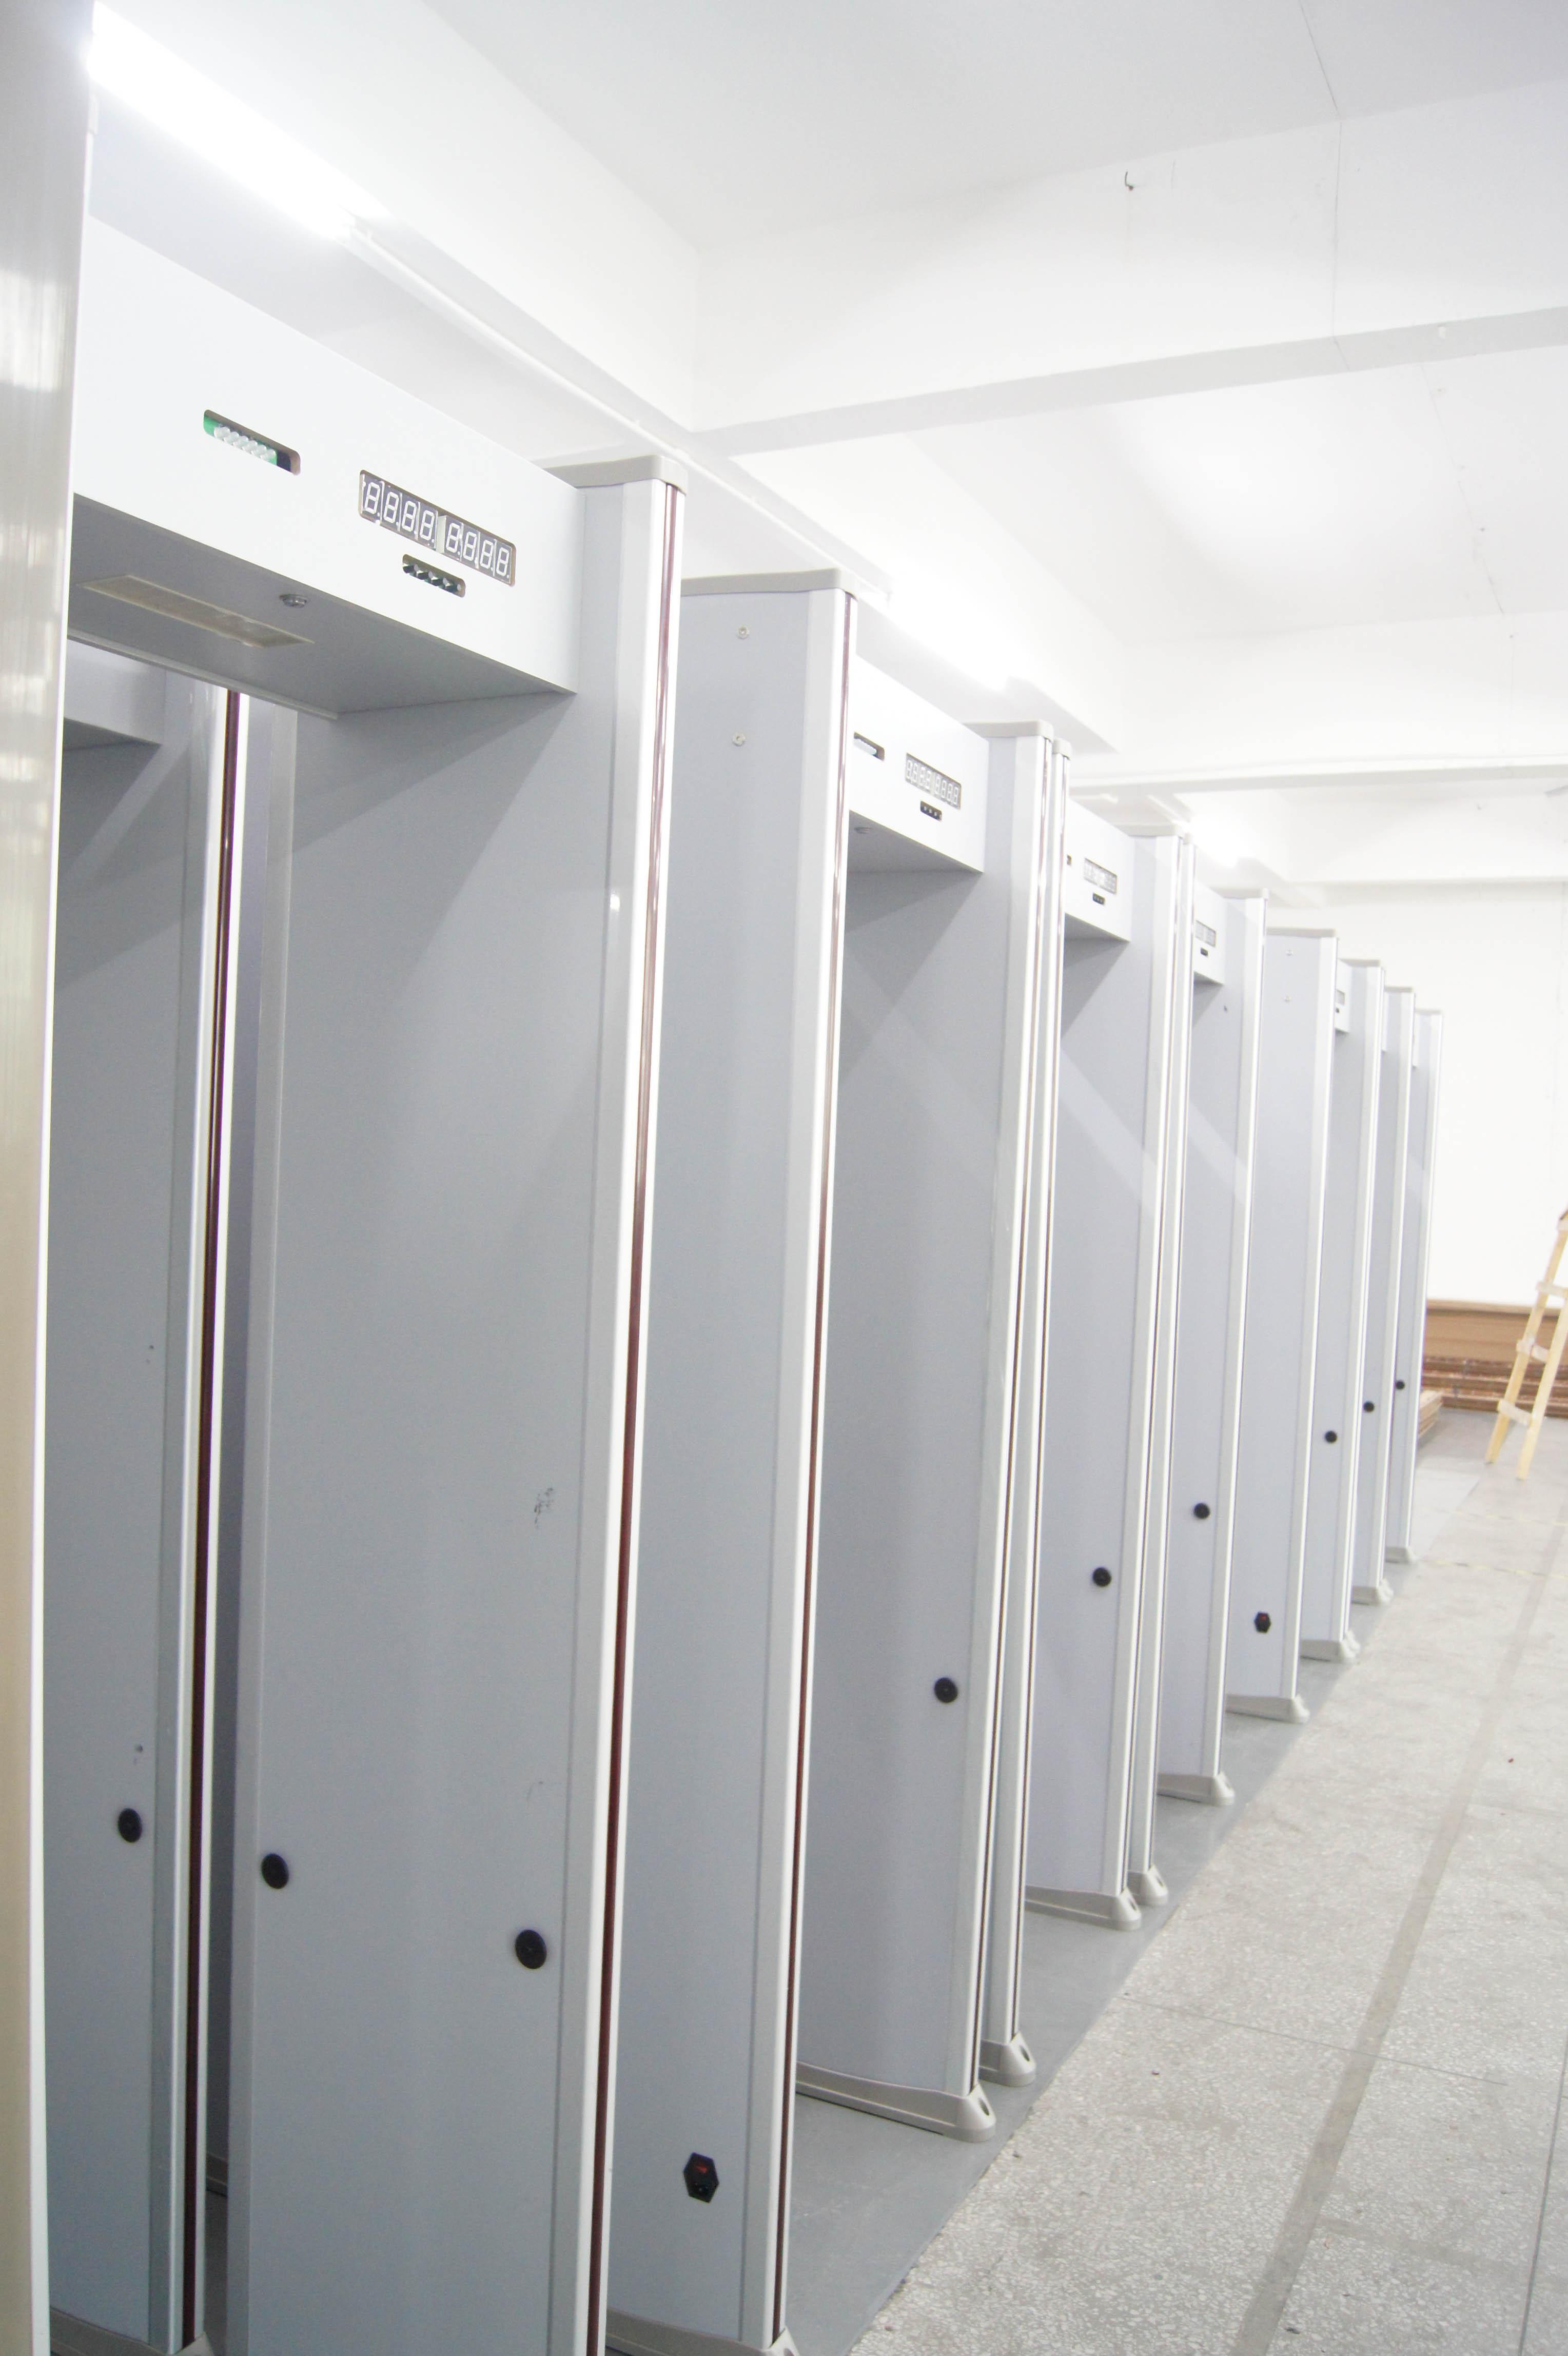 walk through Metal detector door frame UB-500